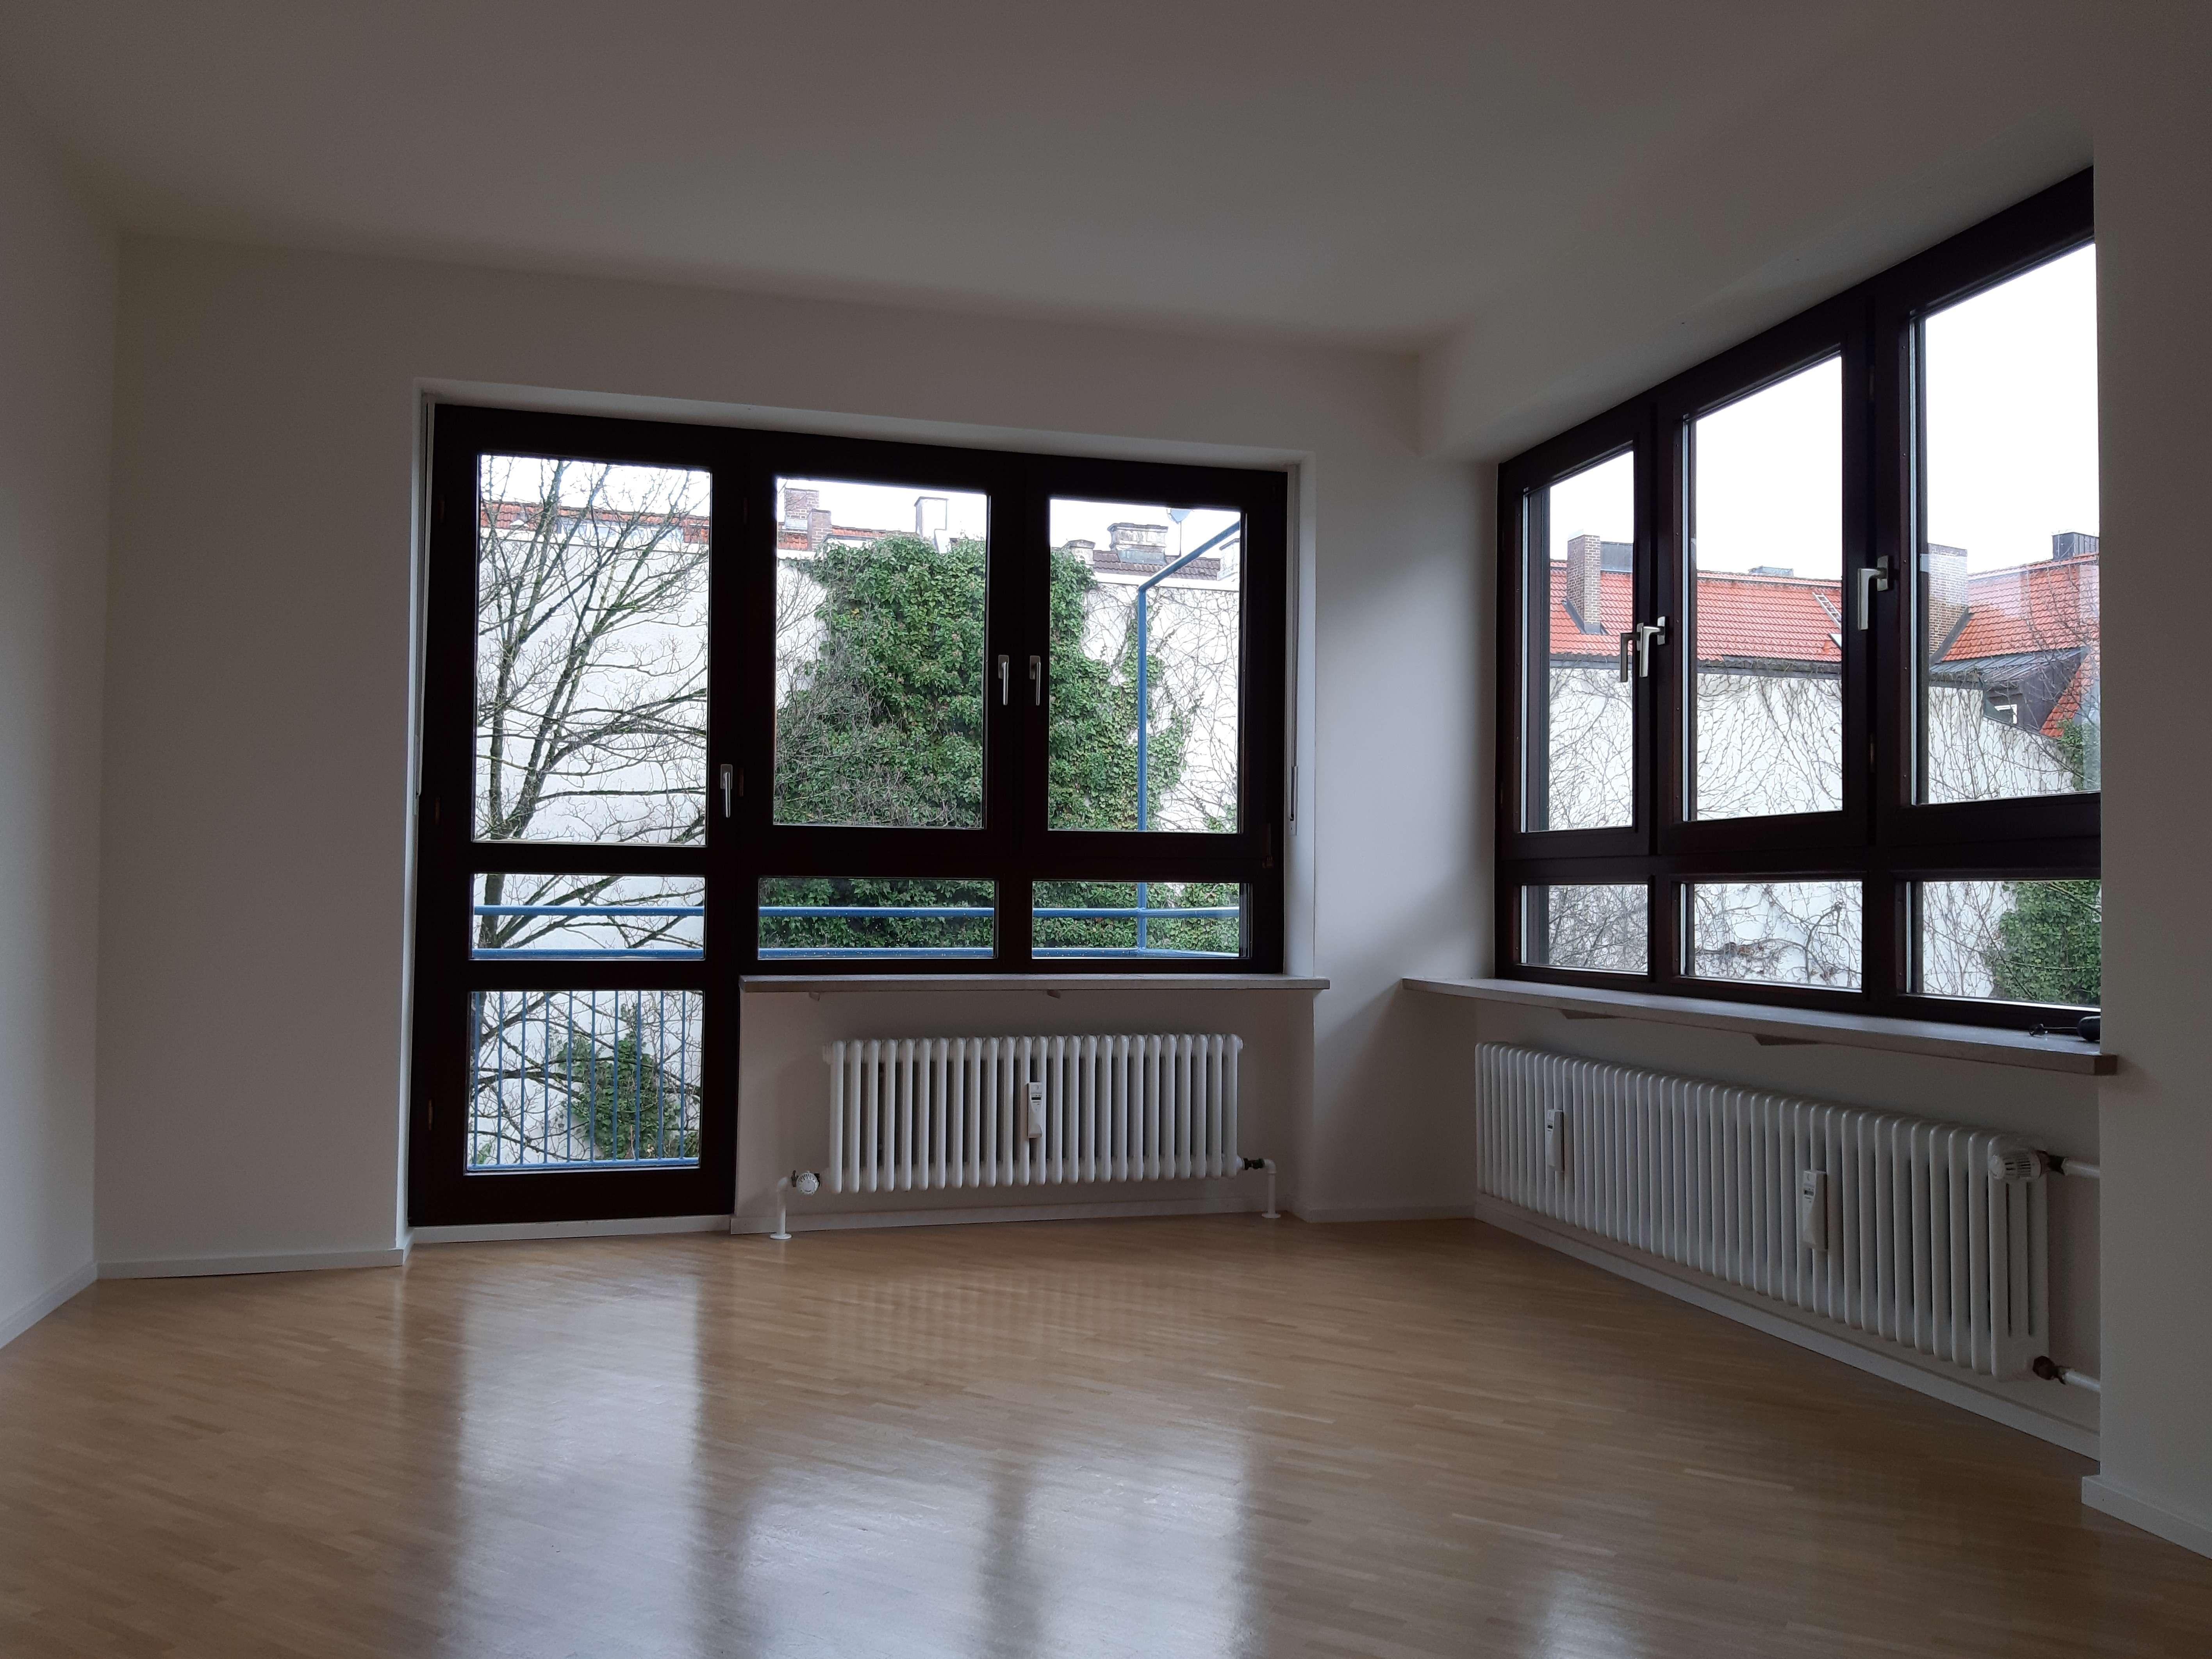 Helle 2-Zimmer-Wohnung mit Balkon in Obergiesing, München in Obergiesing (München)